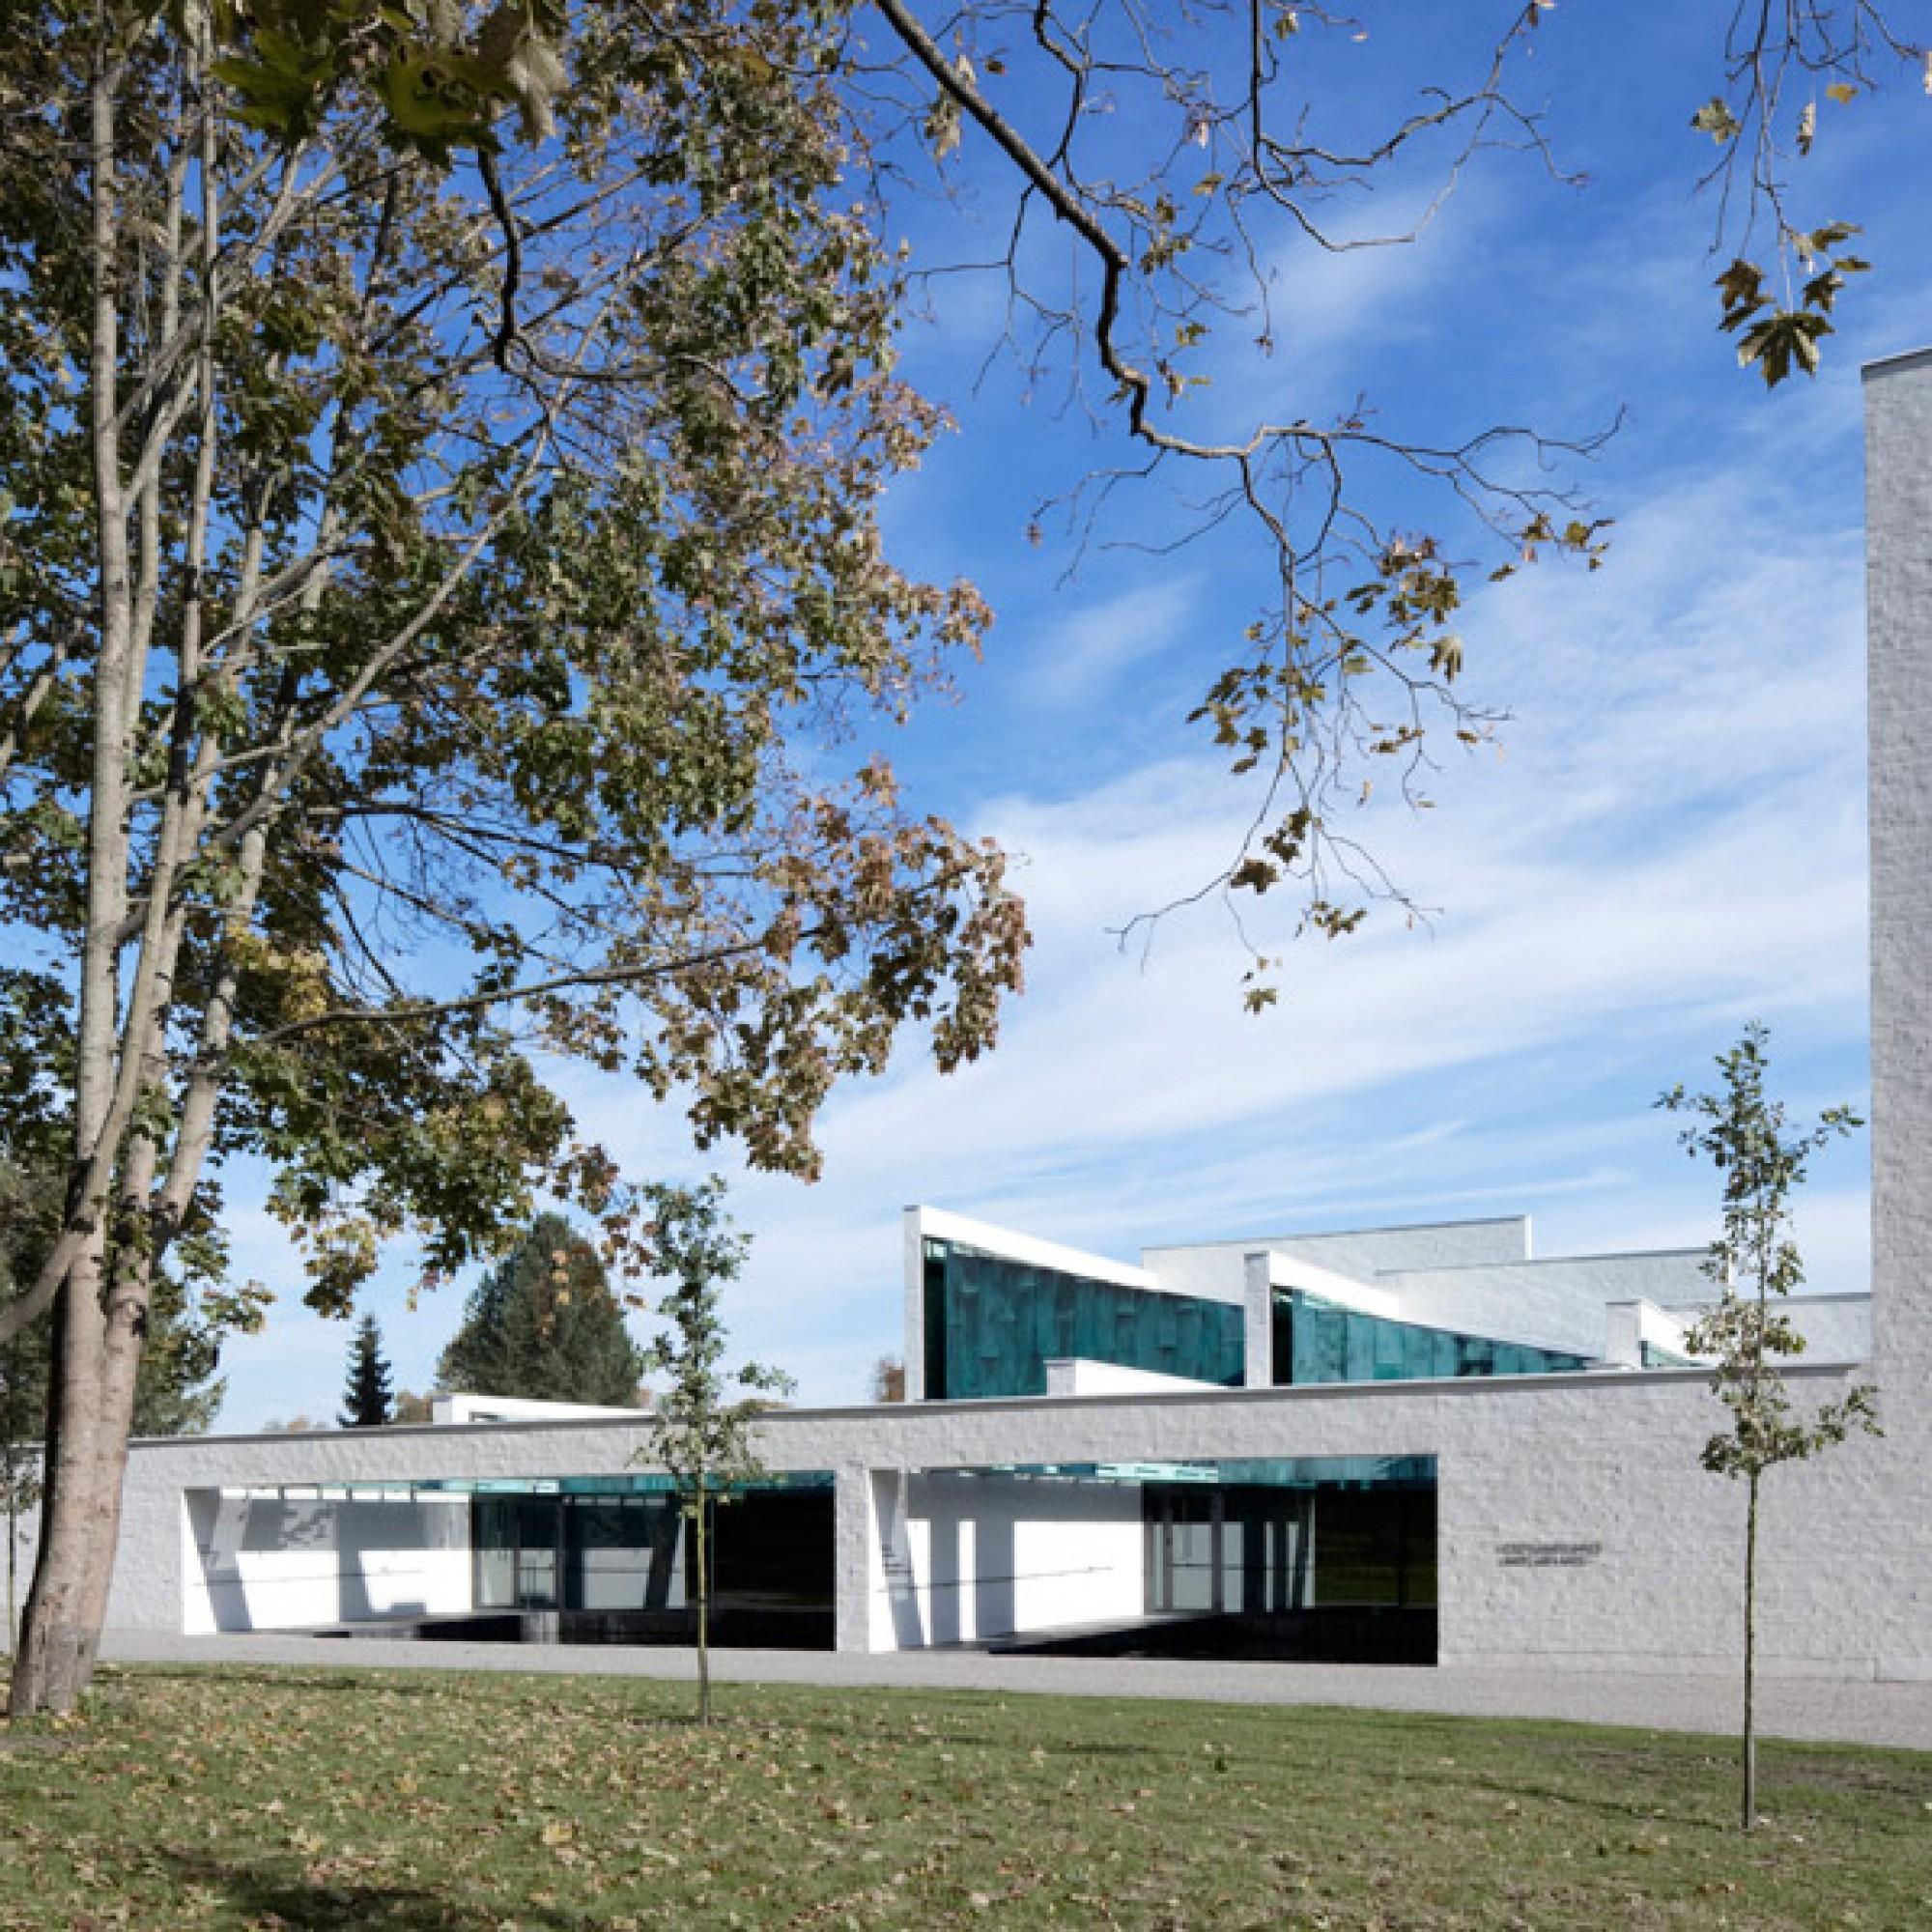 Neue Friedhofskapelle von St. Lawrence, Vantaa  / Avanto Architects Ltd. (Foto: Tuomas Uusheimo)